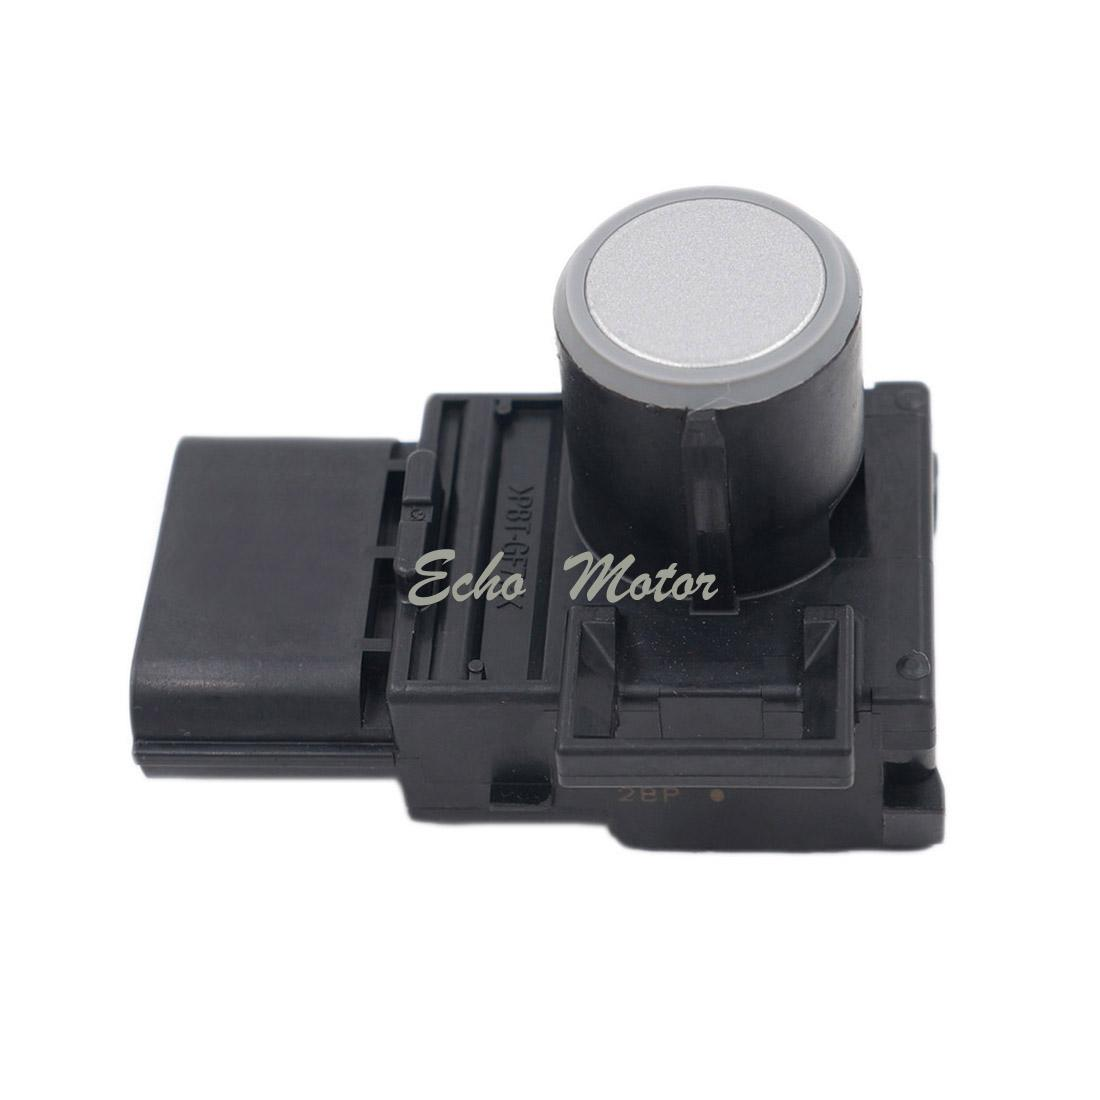 Nouvelle haute qualité 39680-TL0-G01 188300-6330 Capteurs de stationnement PDC de la voiture pour Honda Pilot, Accord, Spirior